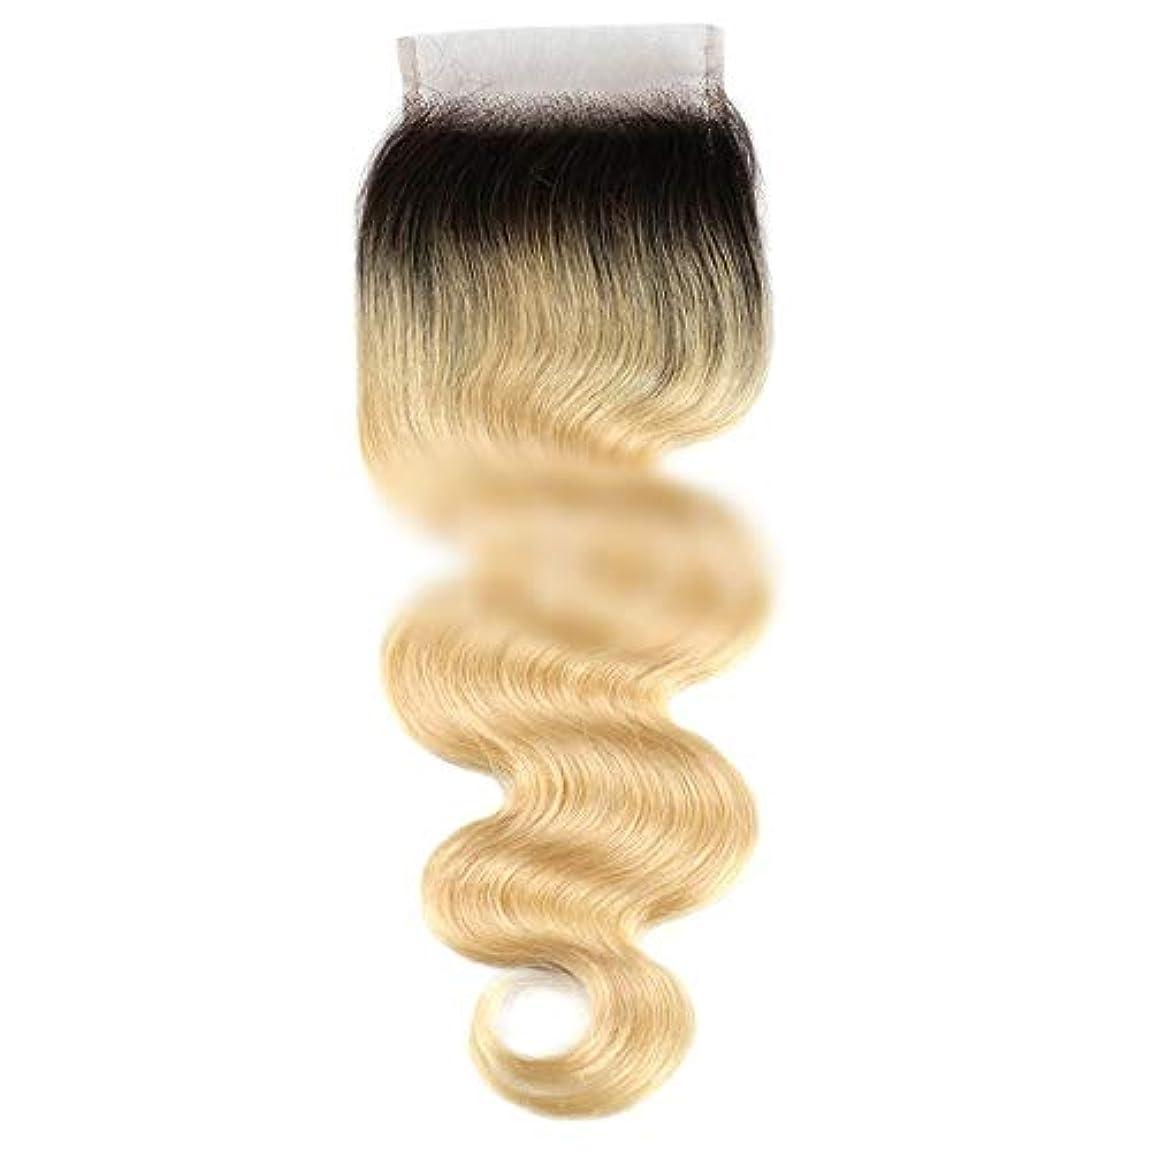 ドレスペンフレンド予想するWASAIO 女性のためのウェーブストレートバンドルクリップ金髪ボディ4X4凍結解除パートレース閉鎖ブラジルの人間 (色 : Blonde, サイズ : 8 inch)